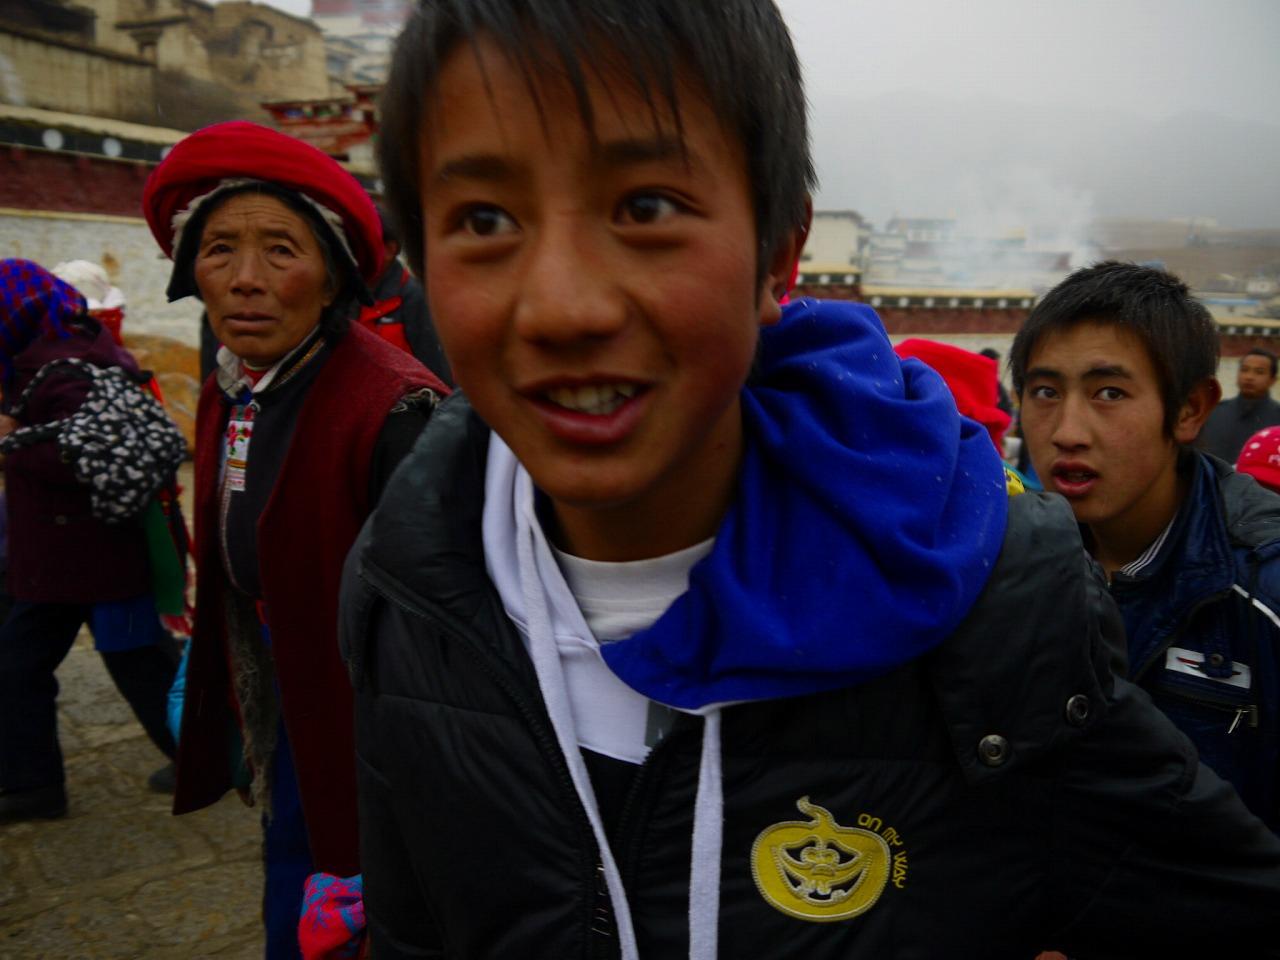 【科学】「出雲と東北類似」「下戸遺伝子の持ち主は中国南部と日本に集中」「中国南部は稲作発祥の地」 日本人のルーツ探る YouTube動画>15本 ->画像>100枚